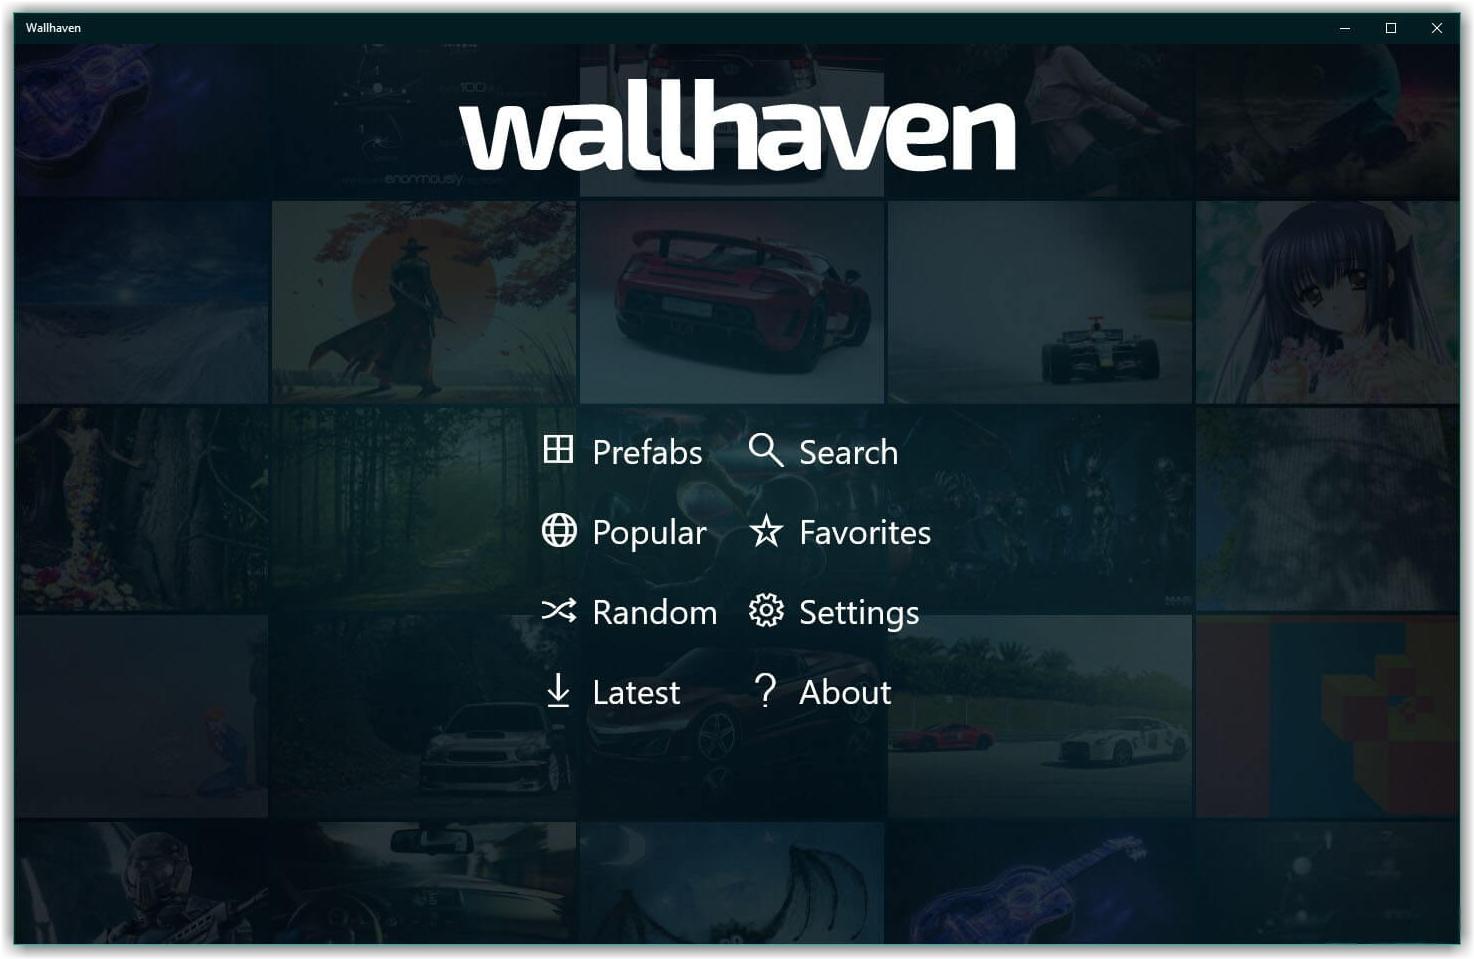 меню программы wallhaven